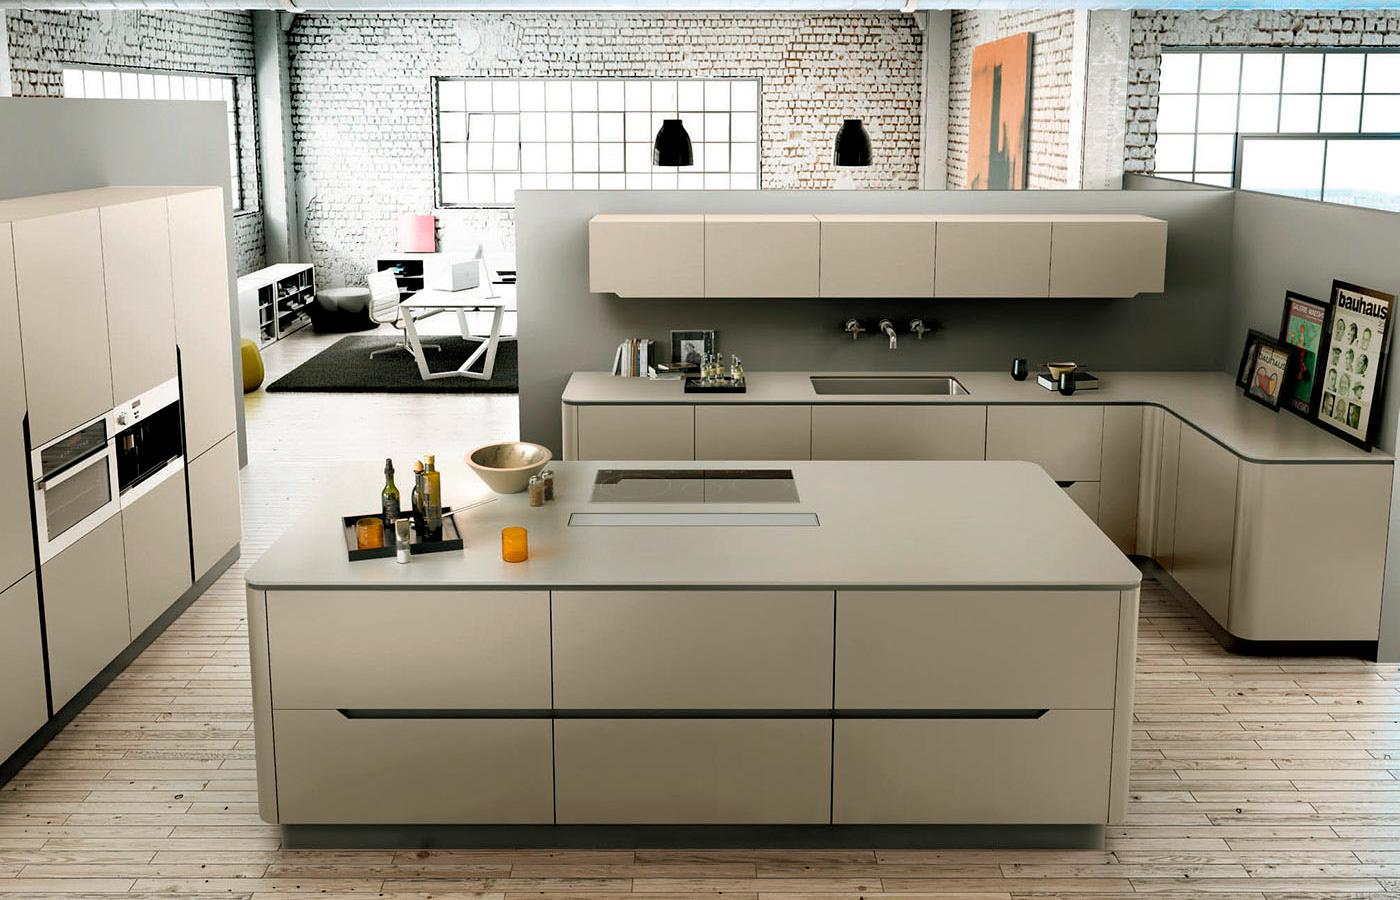 Dise o de cocinas en madrid tienda de cocinas en pozuelo for Diseno de muebles para cocina